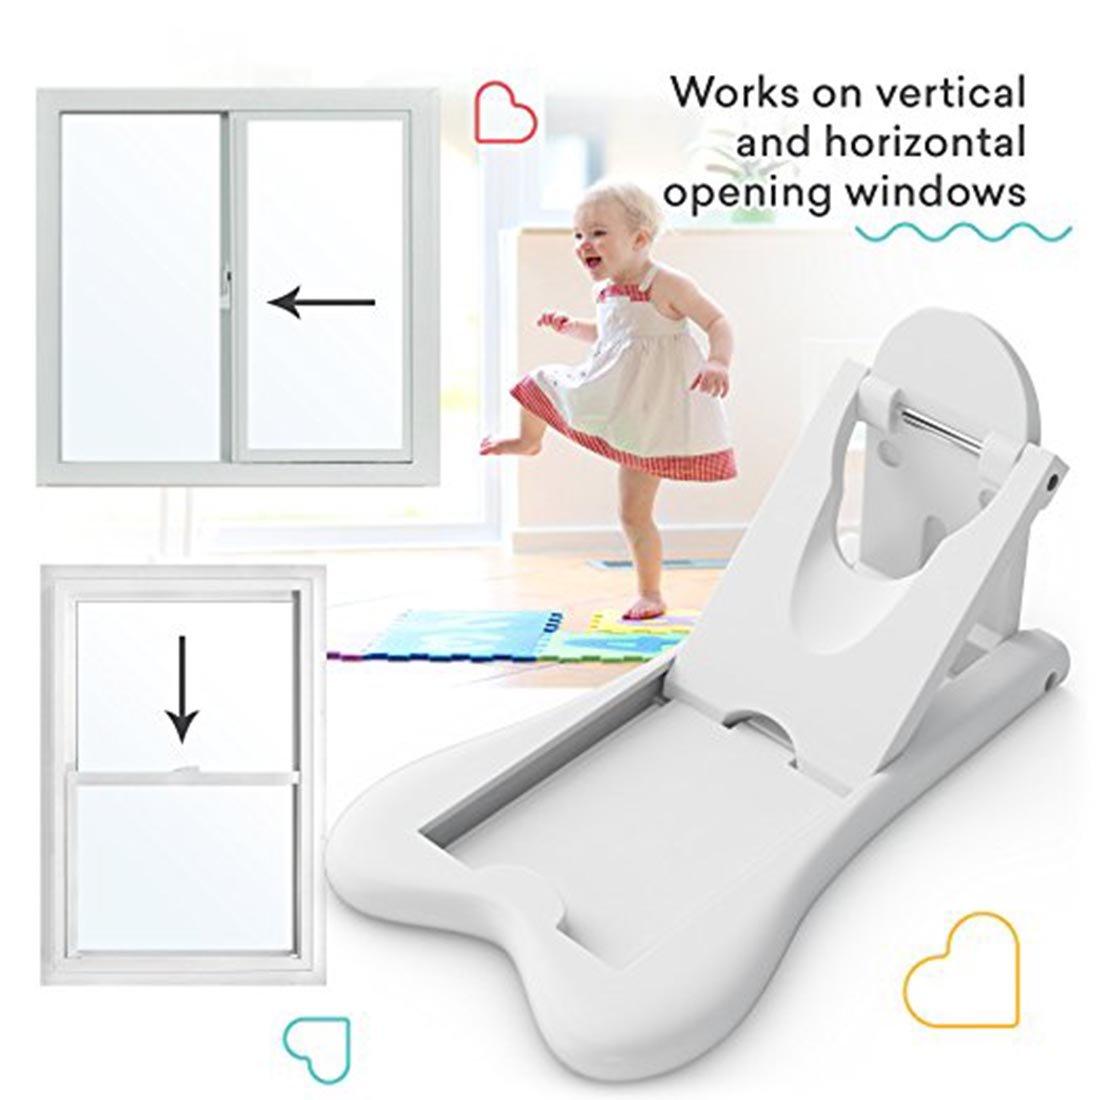 frisch verrous de porte coulissante pour bébé Épreuvage   sans clé serrures  de sécurité pour enfant pour terrasse, placards, portes coulissantes,  volets, ... 3f3359c4609